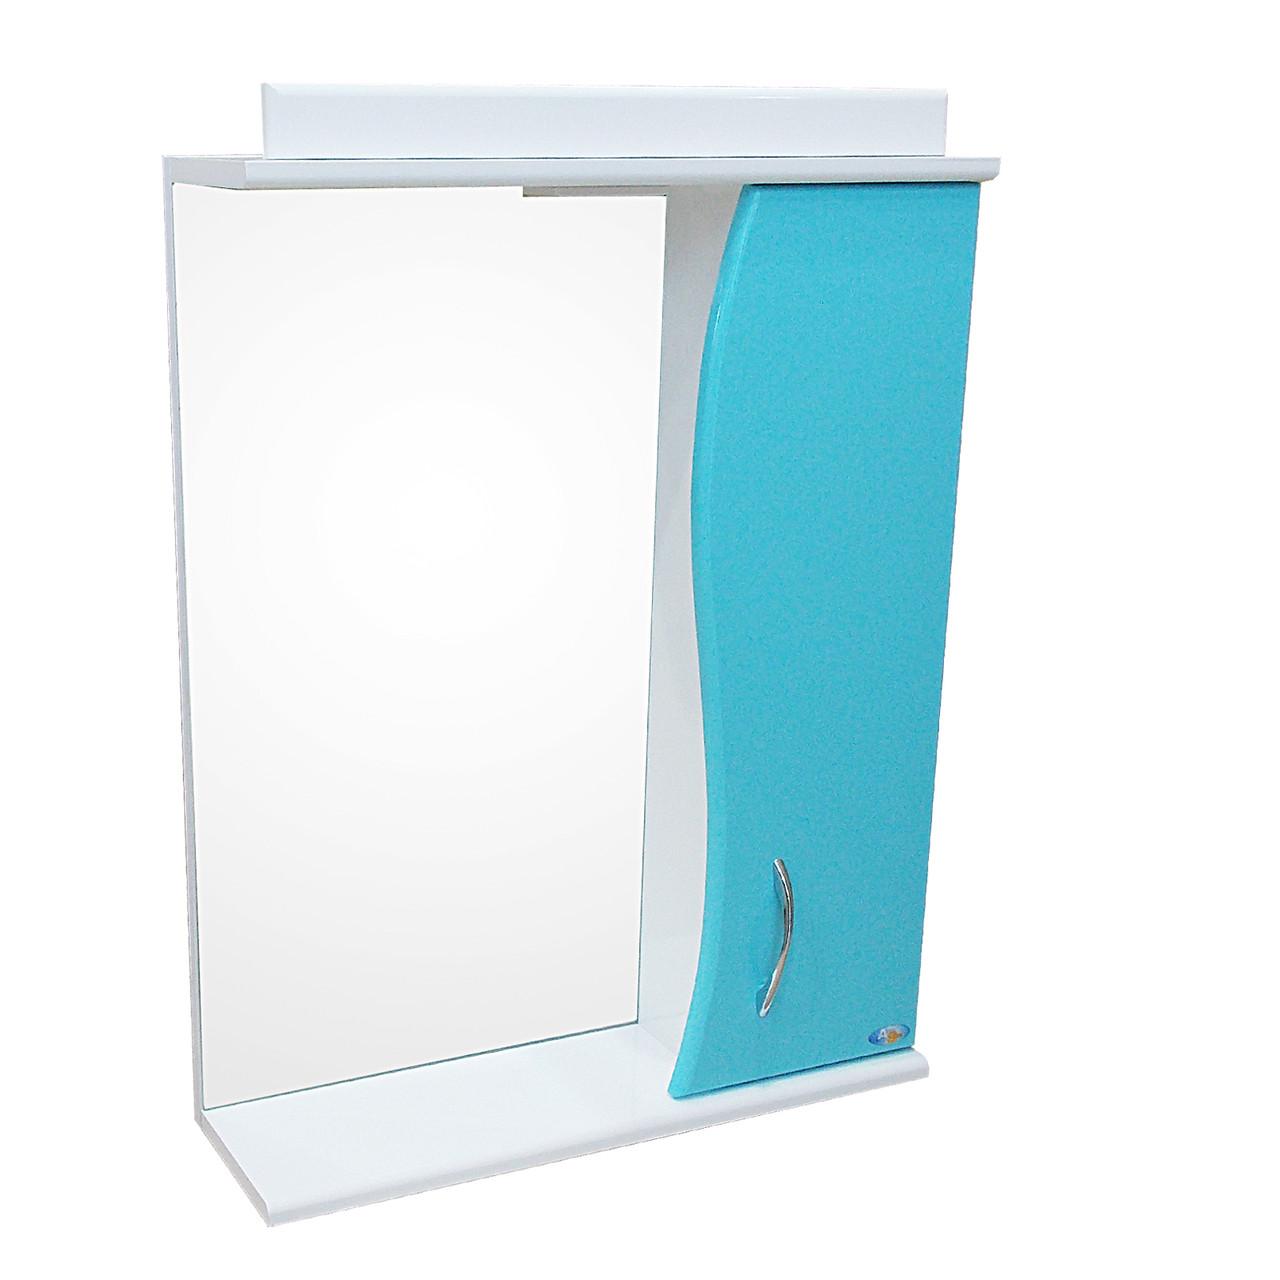 Зеркало АкваСан с подсветкой 65 см Голубое